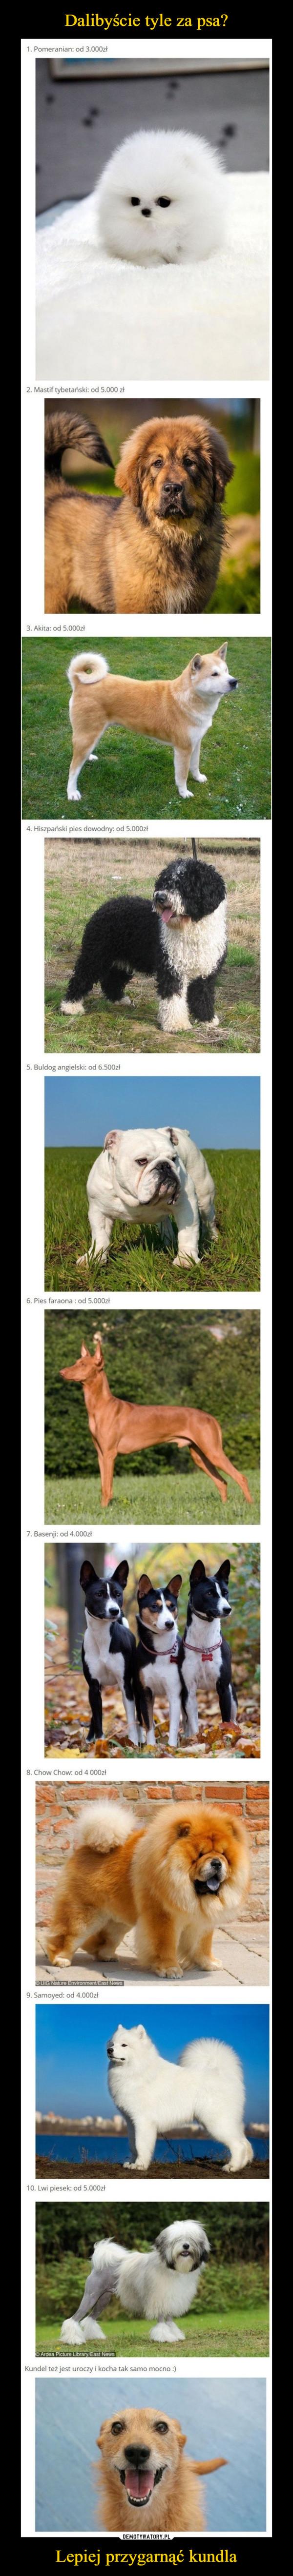 Lepiej przygarnąć kundla –  1. Pomeranian: od 3.000zł 2. Mastif tybetański: od 5.000 zł 3. Akita: od 5.000zł 4. Hiszpański pies dowodny: od 5.000zł 5. Buldog angielski: od 6.500zł 6. Pies faraona : od 5.000zł 7. Basenji: od 4.000zł 8. Chow Chow: od 4 000zi 9. Samoyed: od 4.000zł 10. Lwi piesek: od 5.000zł Dalibyście tyle za psa? Kundel też jest uroczy i kocha tak samo mocno :)